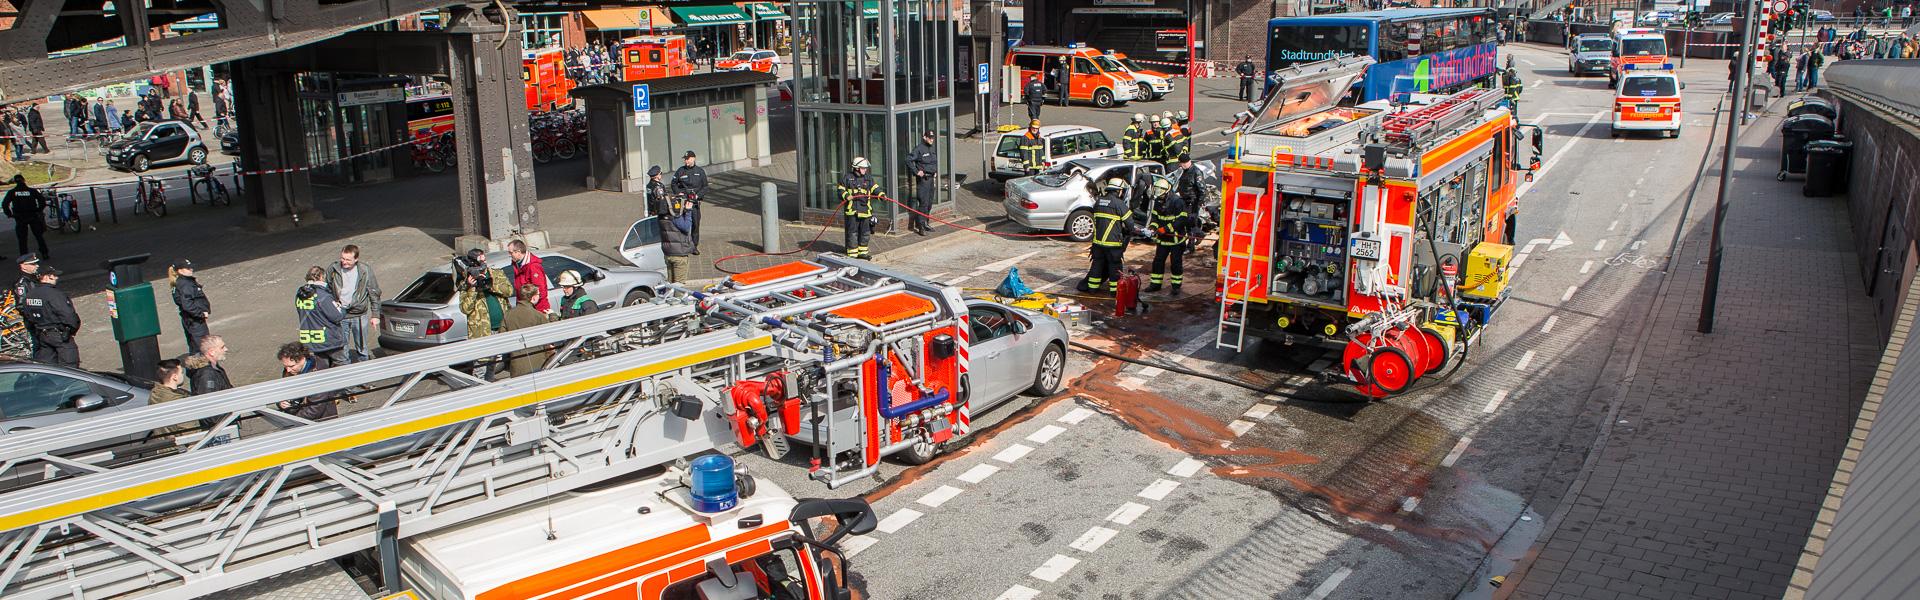 02.04.2018 – Schwerer Unfall mit Stadtrundfahrtbus